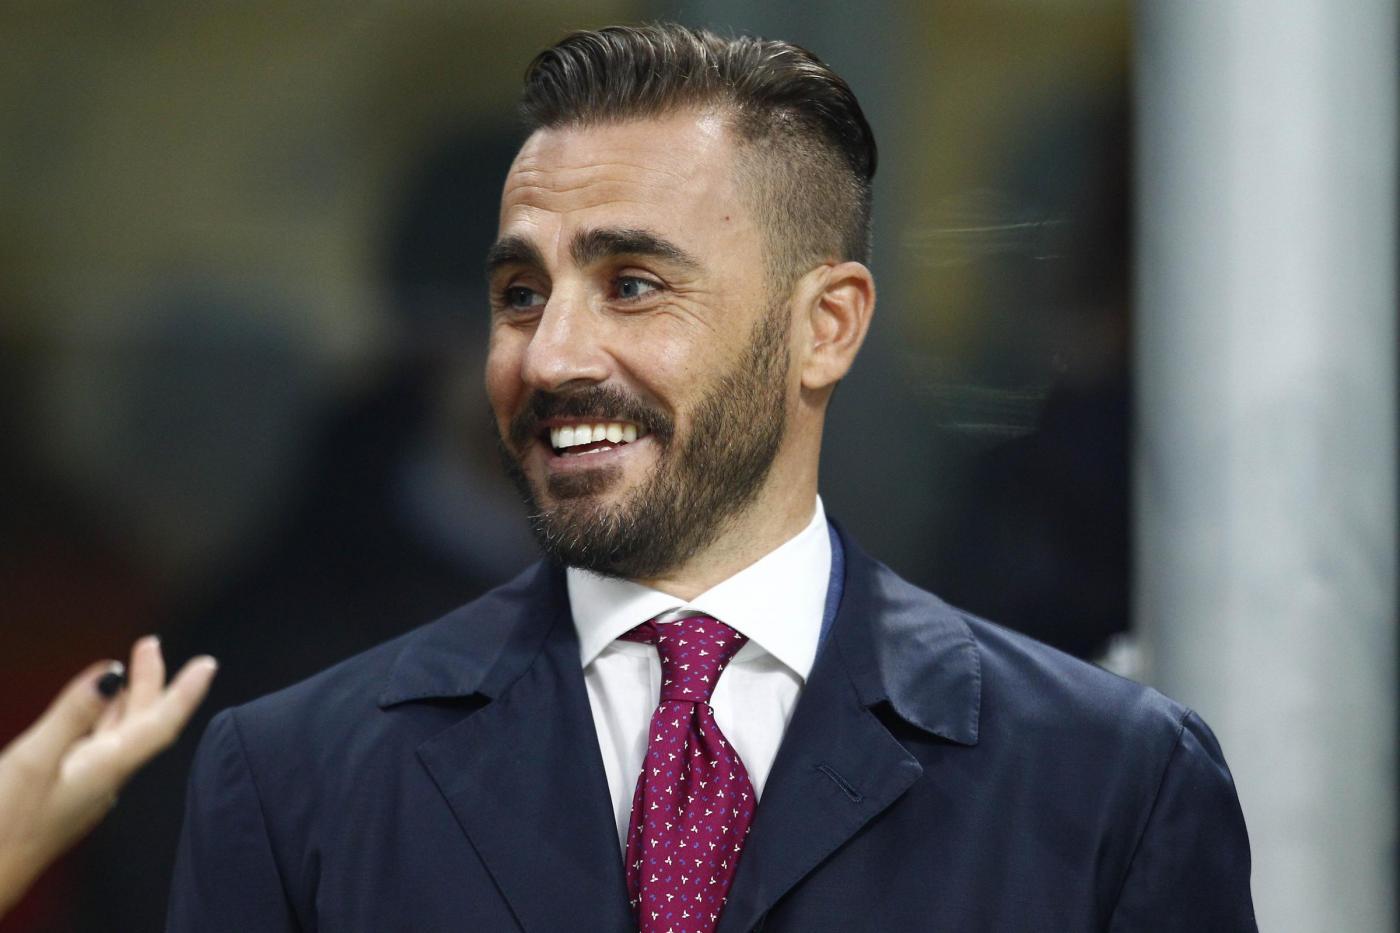 Ufficiale Fabio Cannavaro torna al Guangzhou Evergrande